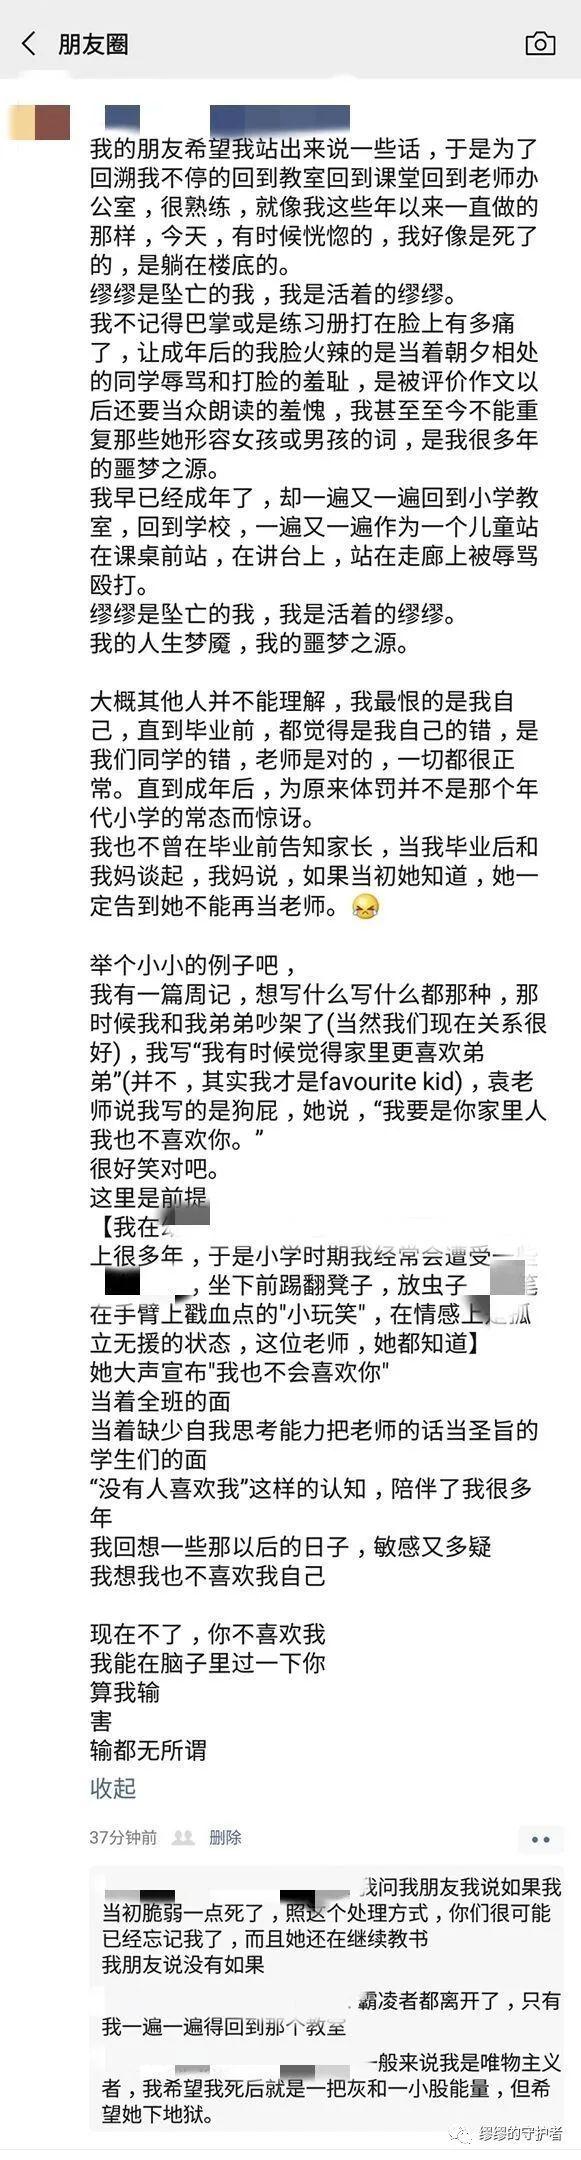 另一位2009届毕业学生,对袁老师的痛苦回忆。